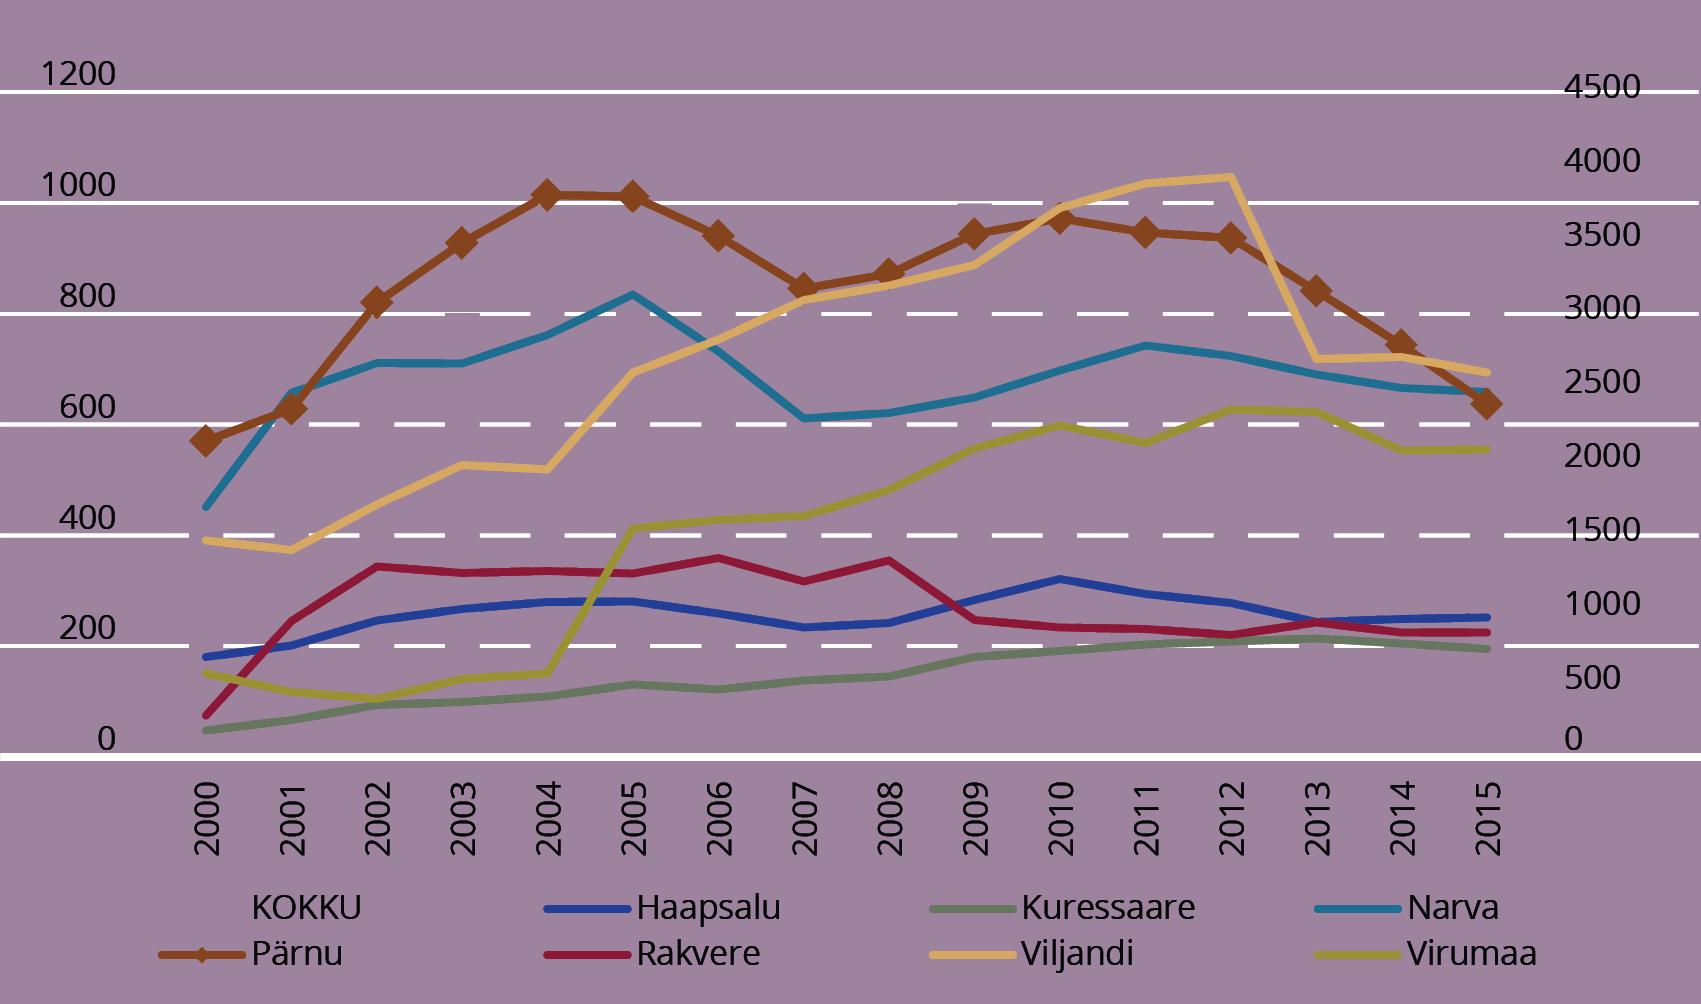 JOONIS 3. Üliõpilaste arv regionaalsetes kolledžites. Allikas: Raagmaa et al. (2015); autori täiendused (2016)